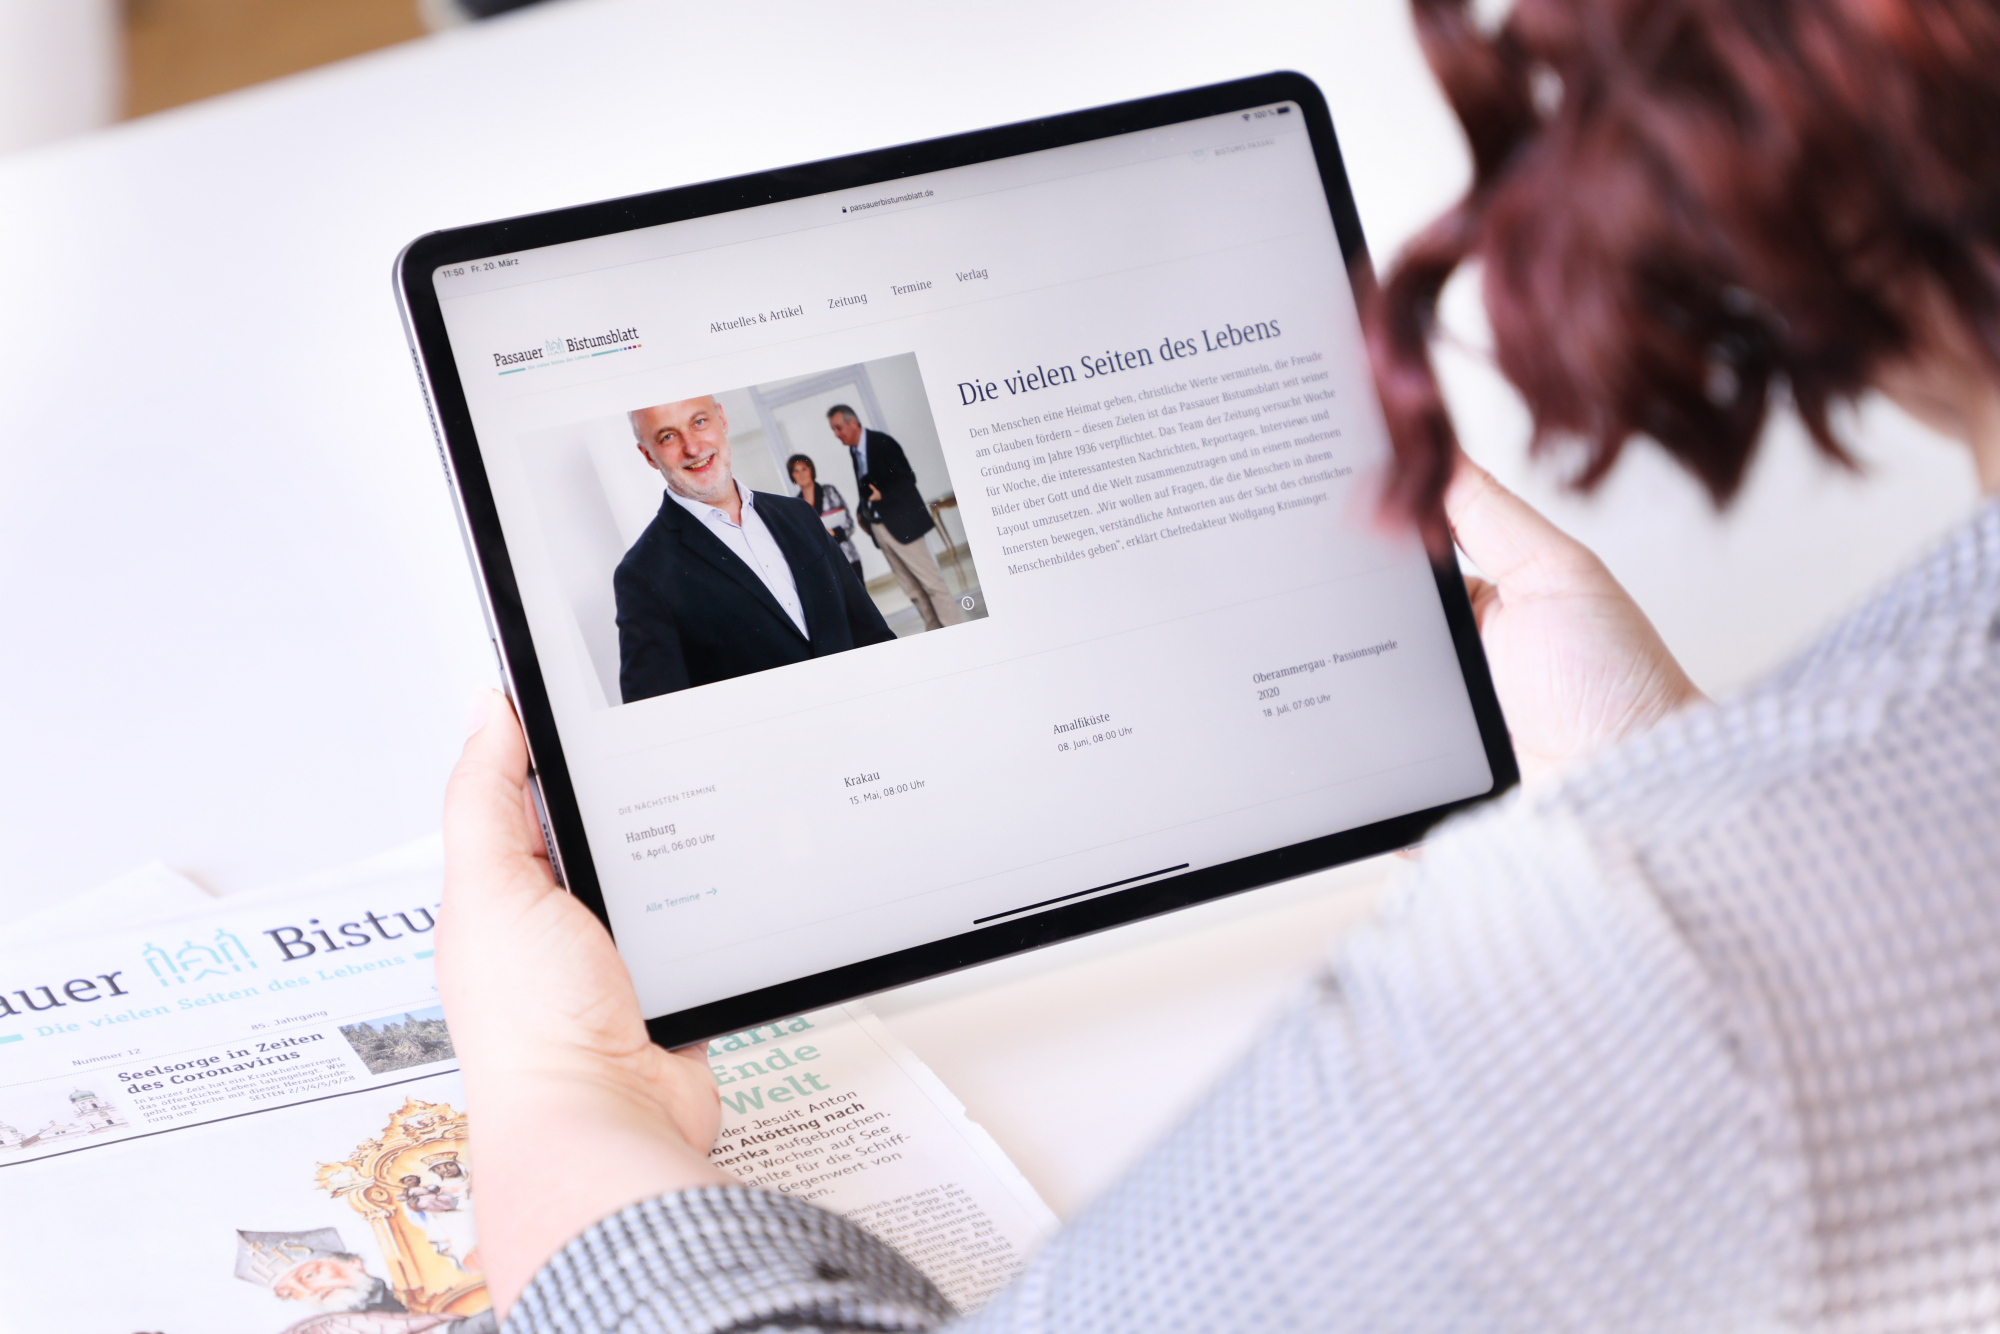 Foto Bistumsblatt Leserin digital